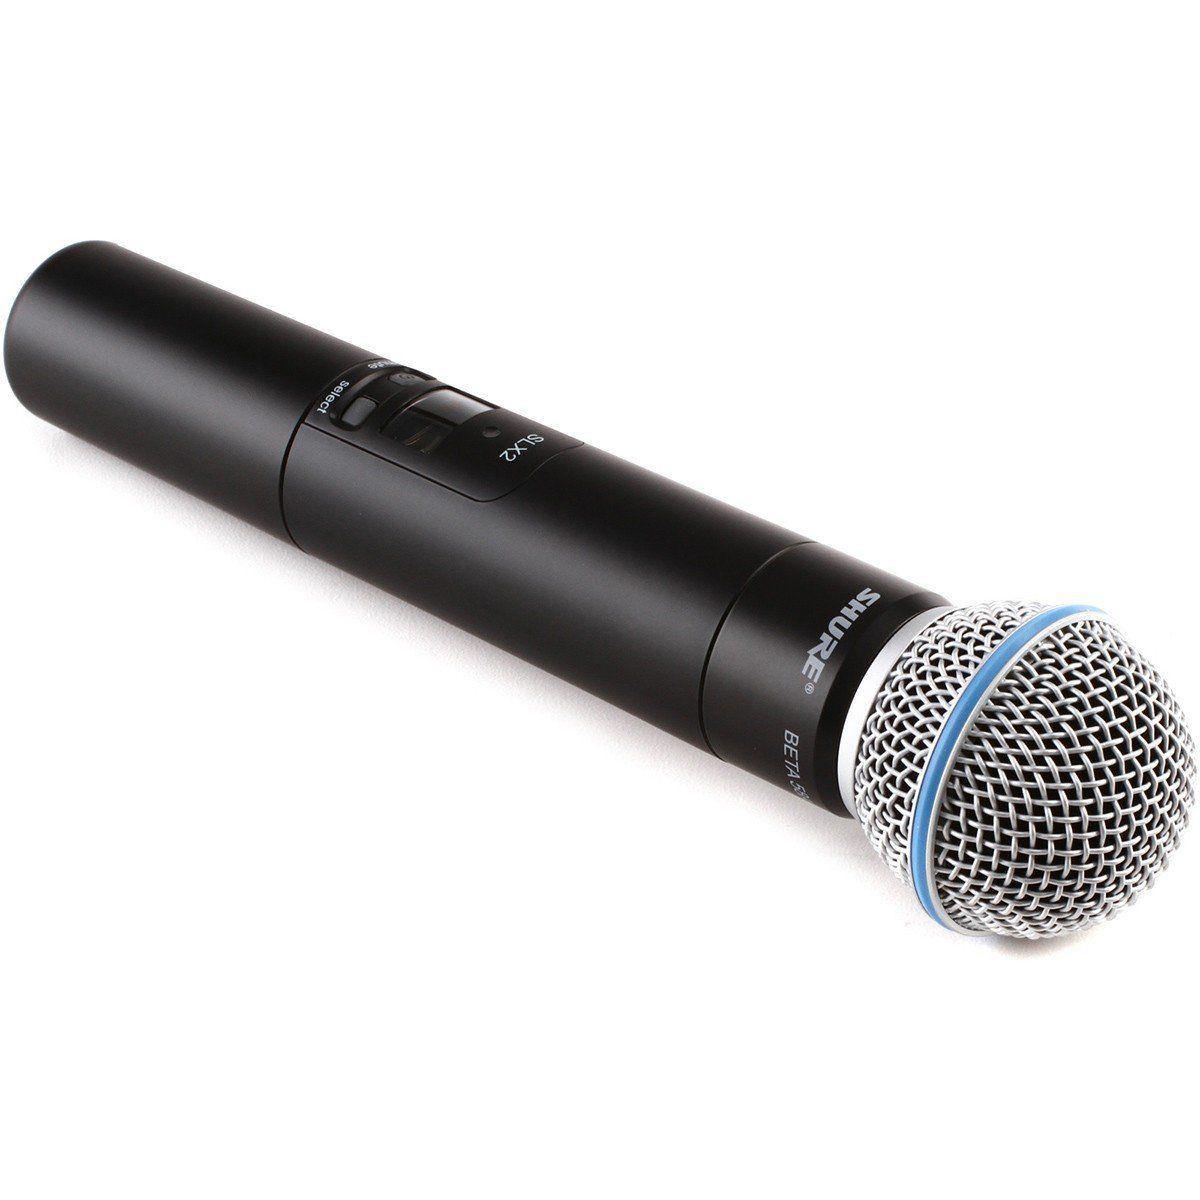 Shure SLX24/Beta58A Microfone Sem fio Shure SLX24 B58A para Apresentações e Igrejas